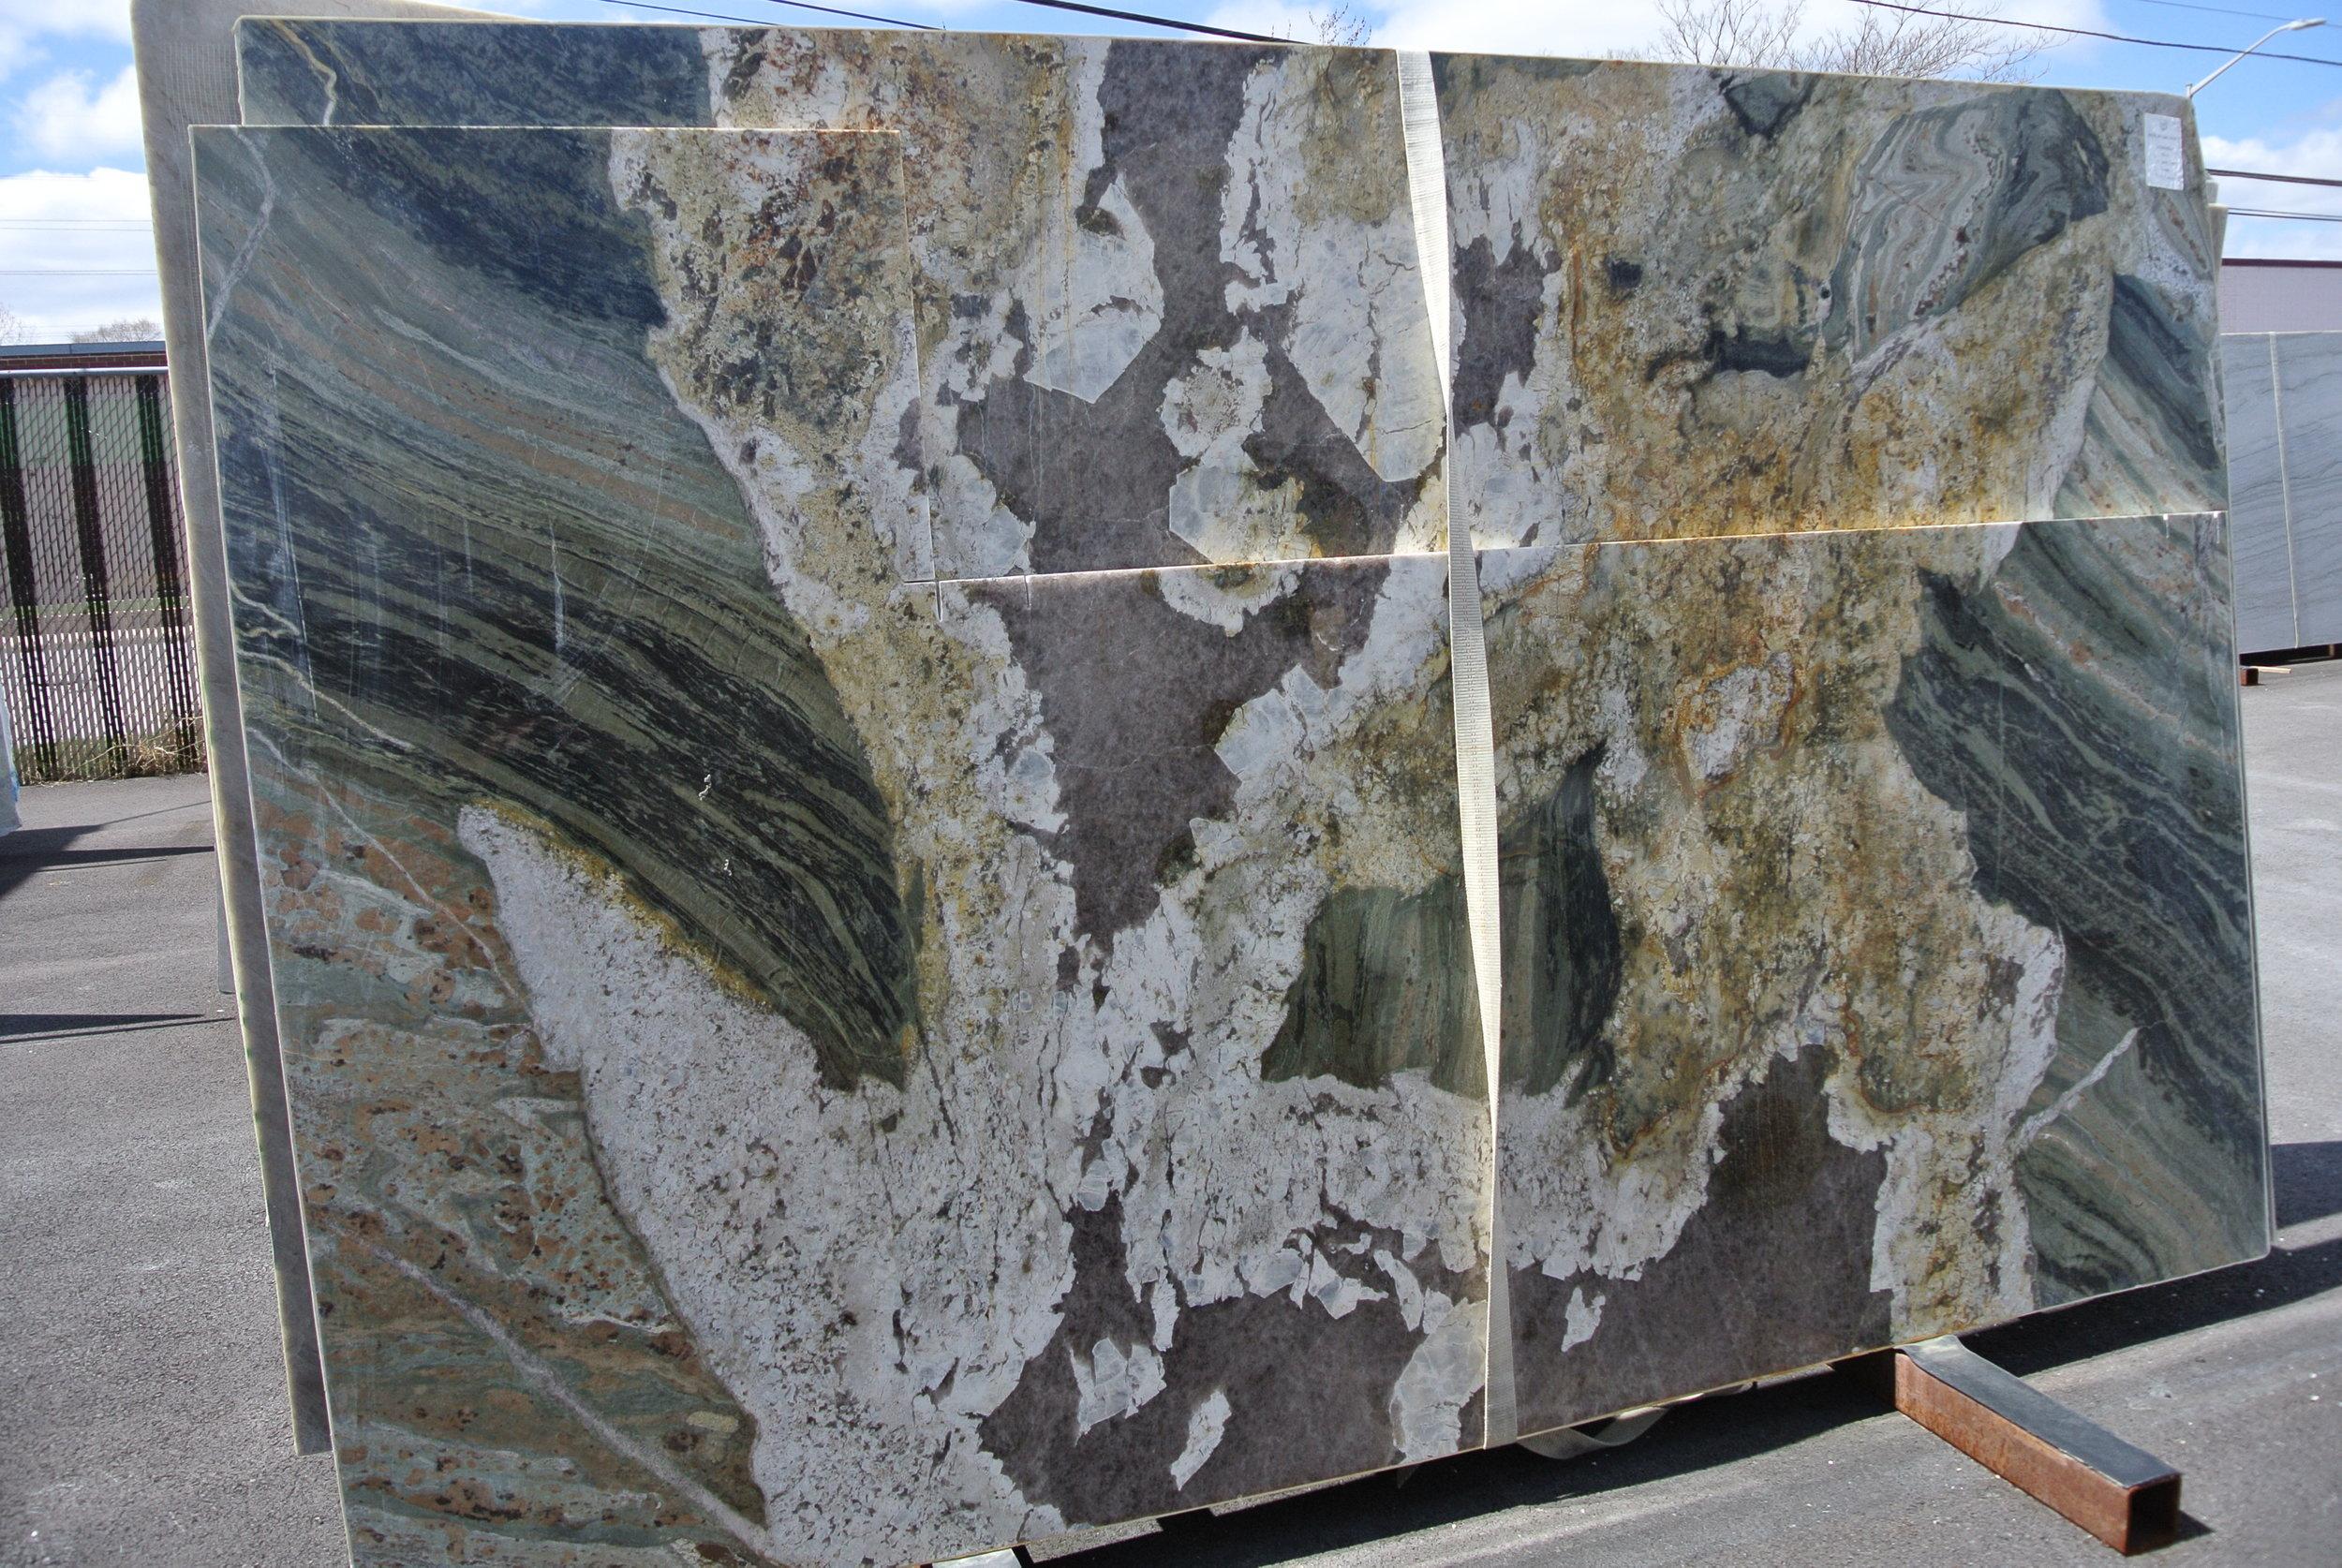 Smithsonian, Mixed Stone Type, 3cm, Polished